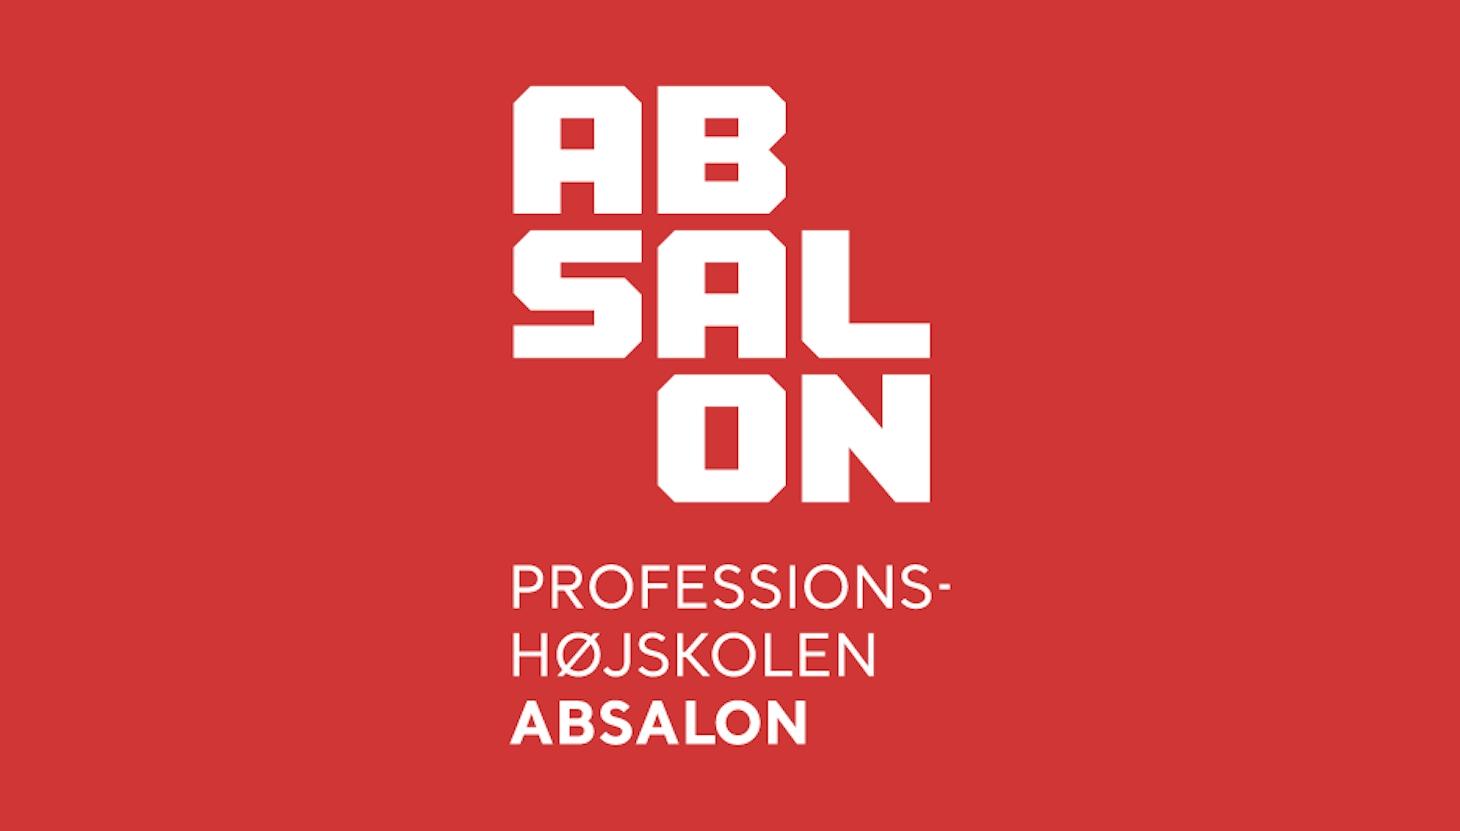 FRIIS & MOLTKE prækvalificeret til Professionshøjskolen Absalon, Slagelse